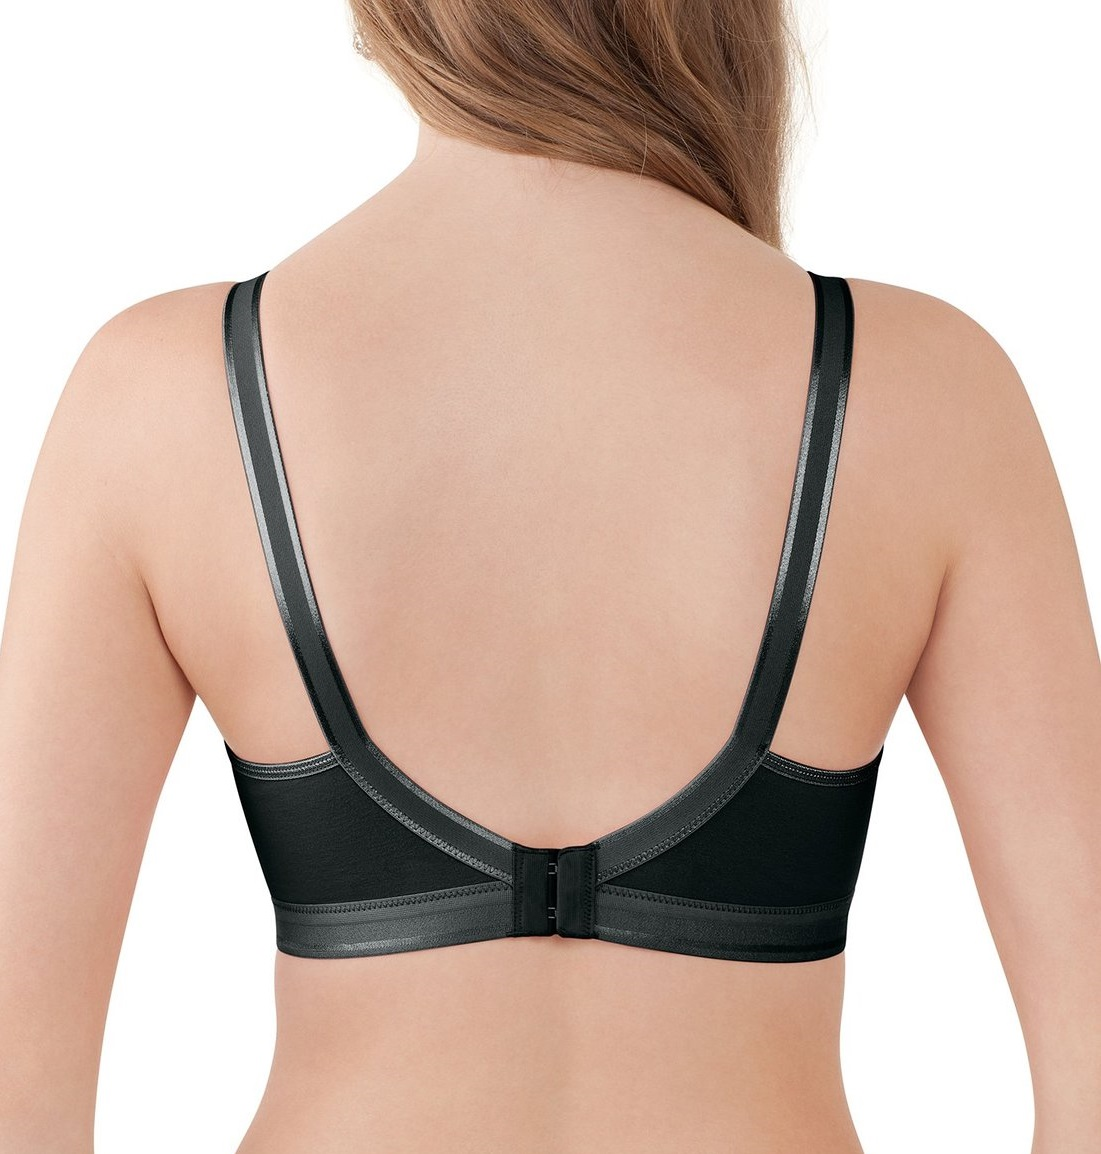 bravado-sweet-pea-nursing-bra-black-back.jpg